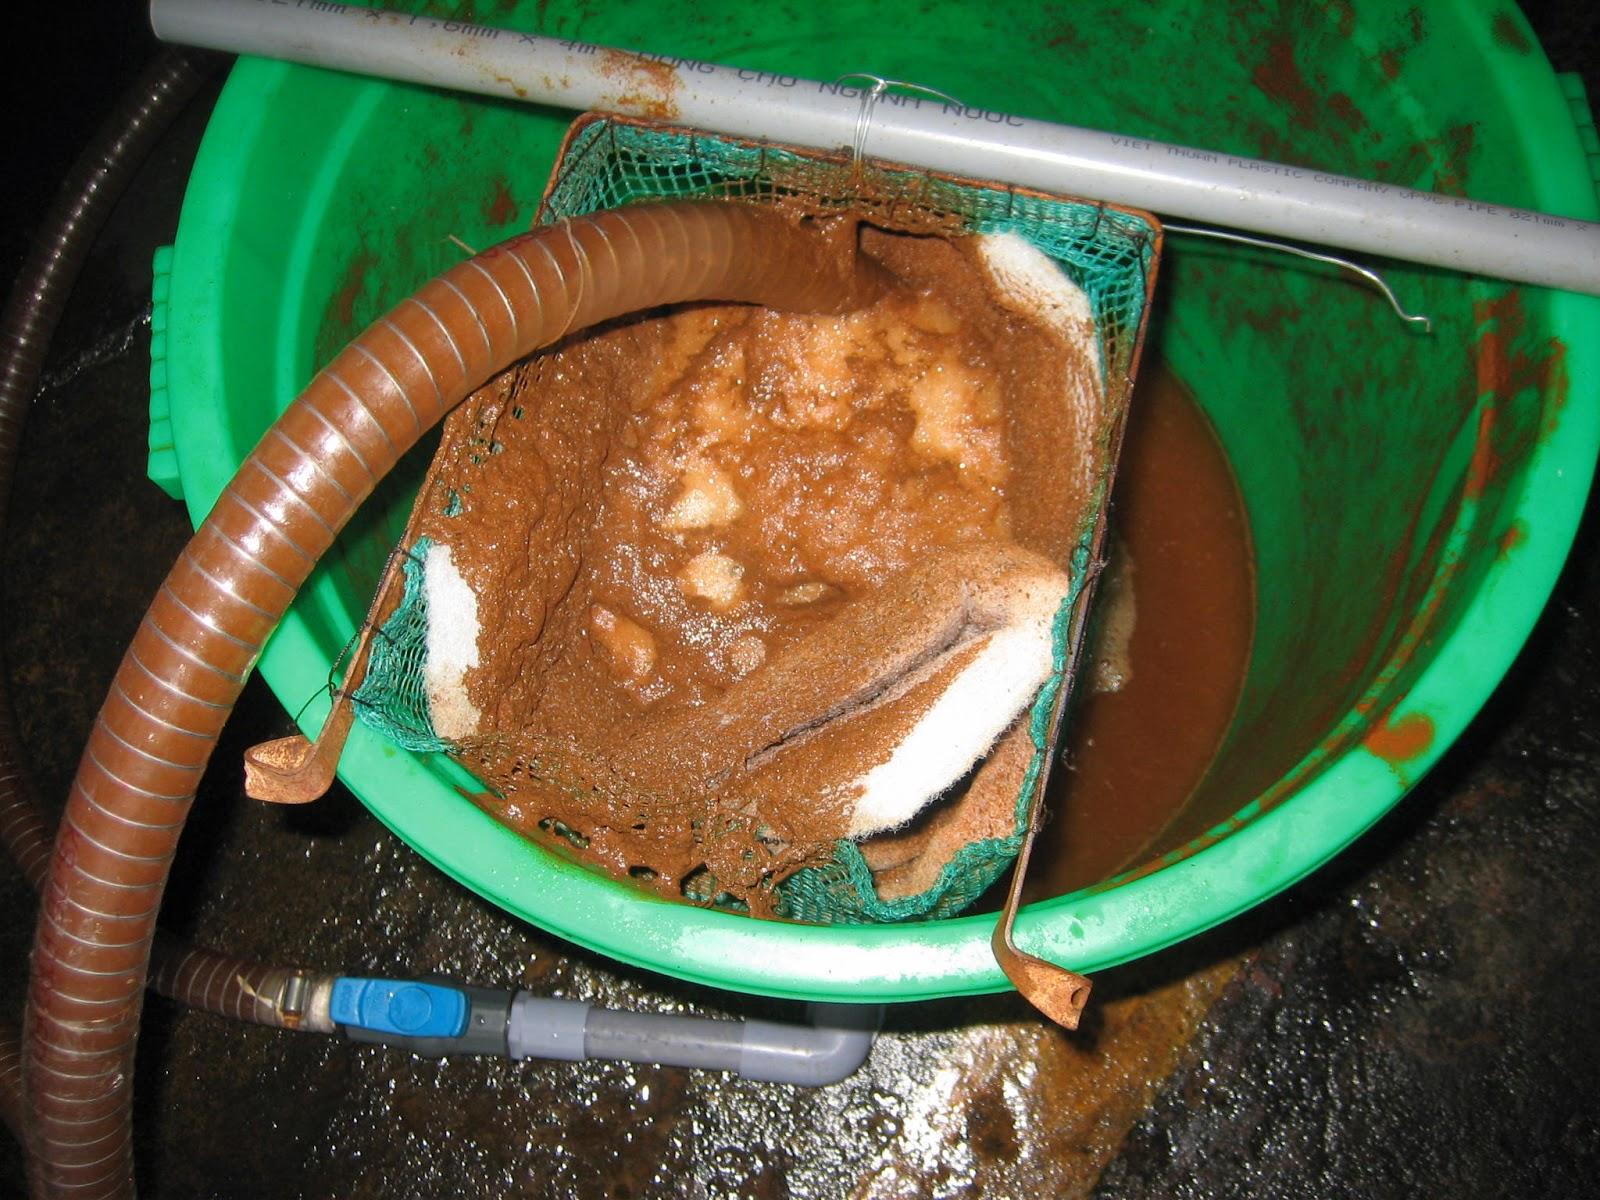 Tẩy cặn két nước làm mát - Tẩy cáu cặn sinh hàn - Tẩy cặn Bình ngưng Can%2Btren%2Bbong%2Bloc-IMG_5096